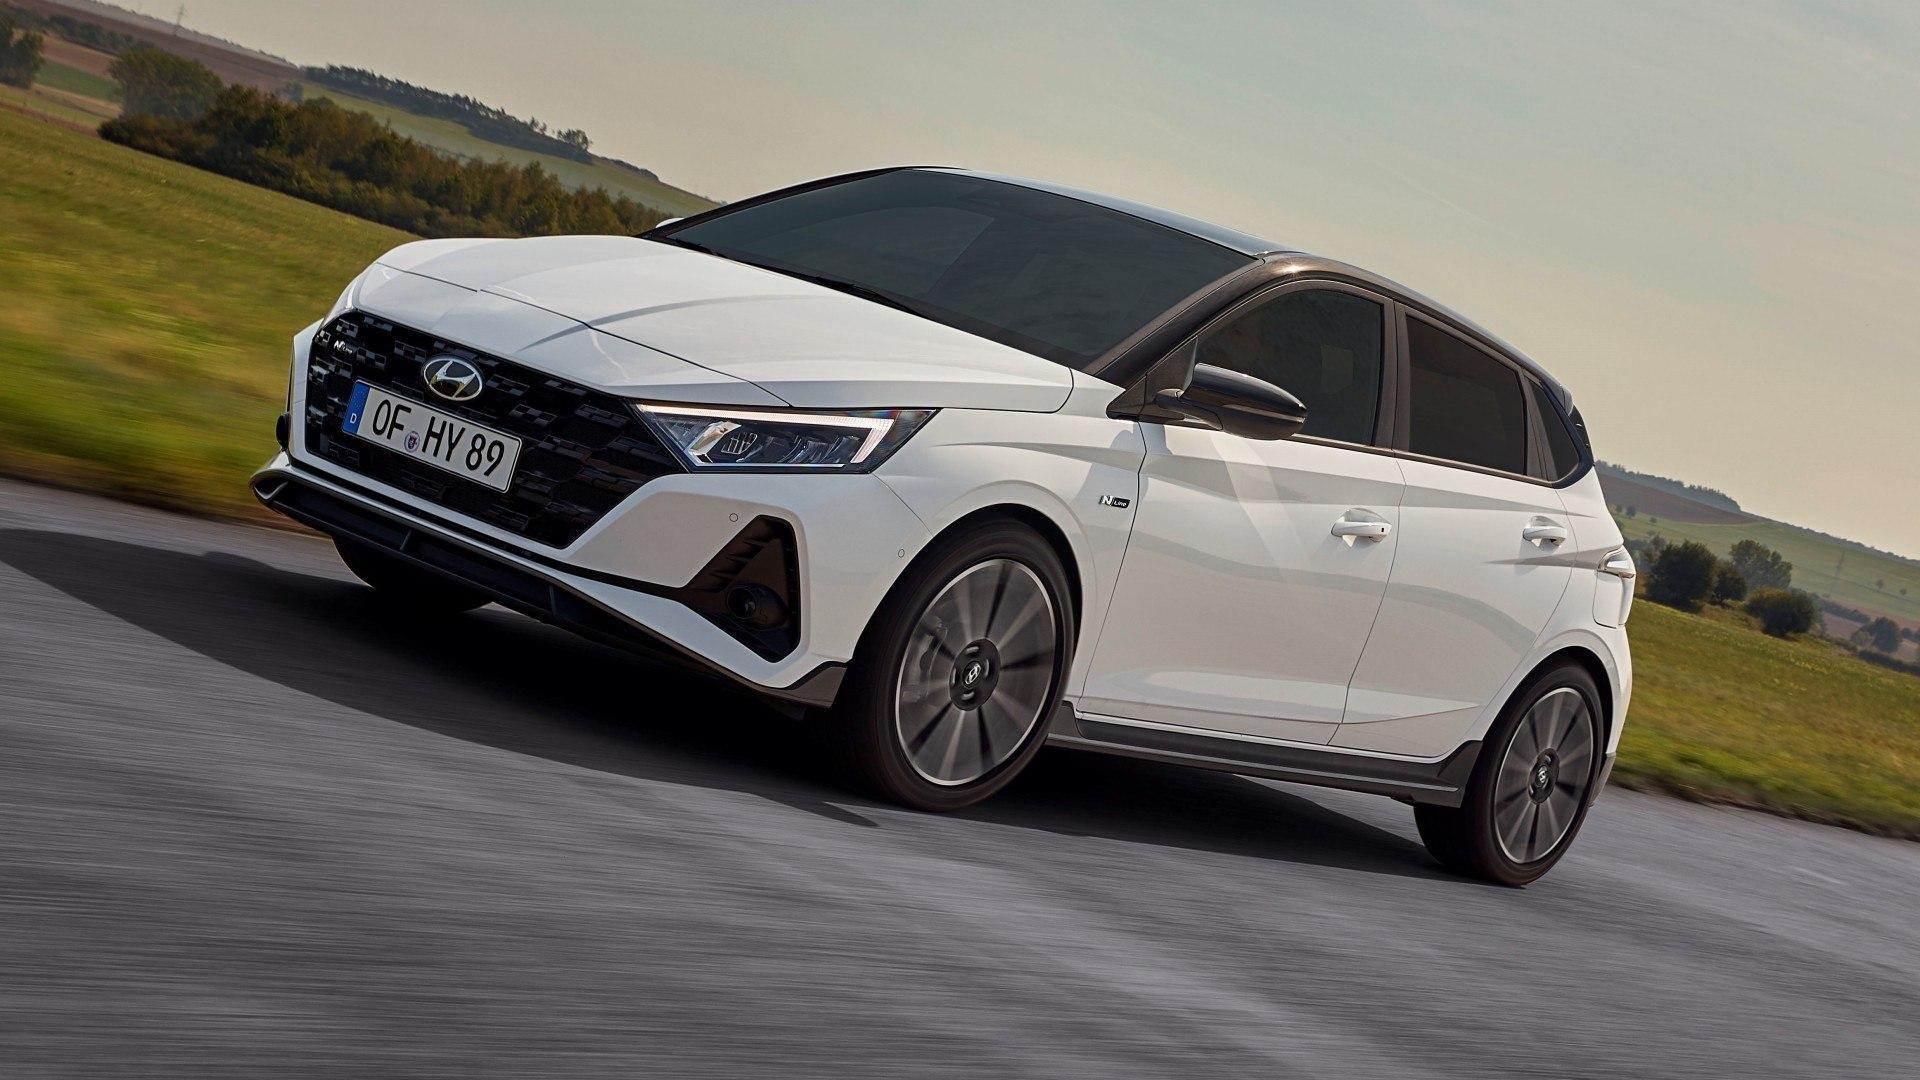 Hyundai i20 N Line, buscando ofrecer un aspecto deportivo